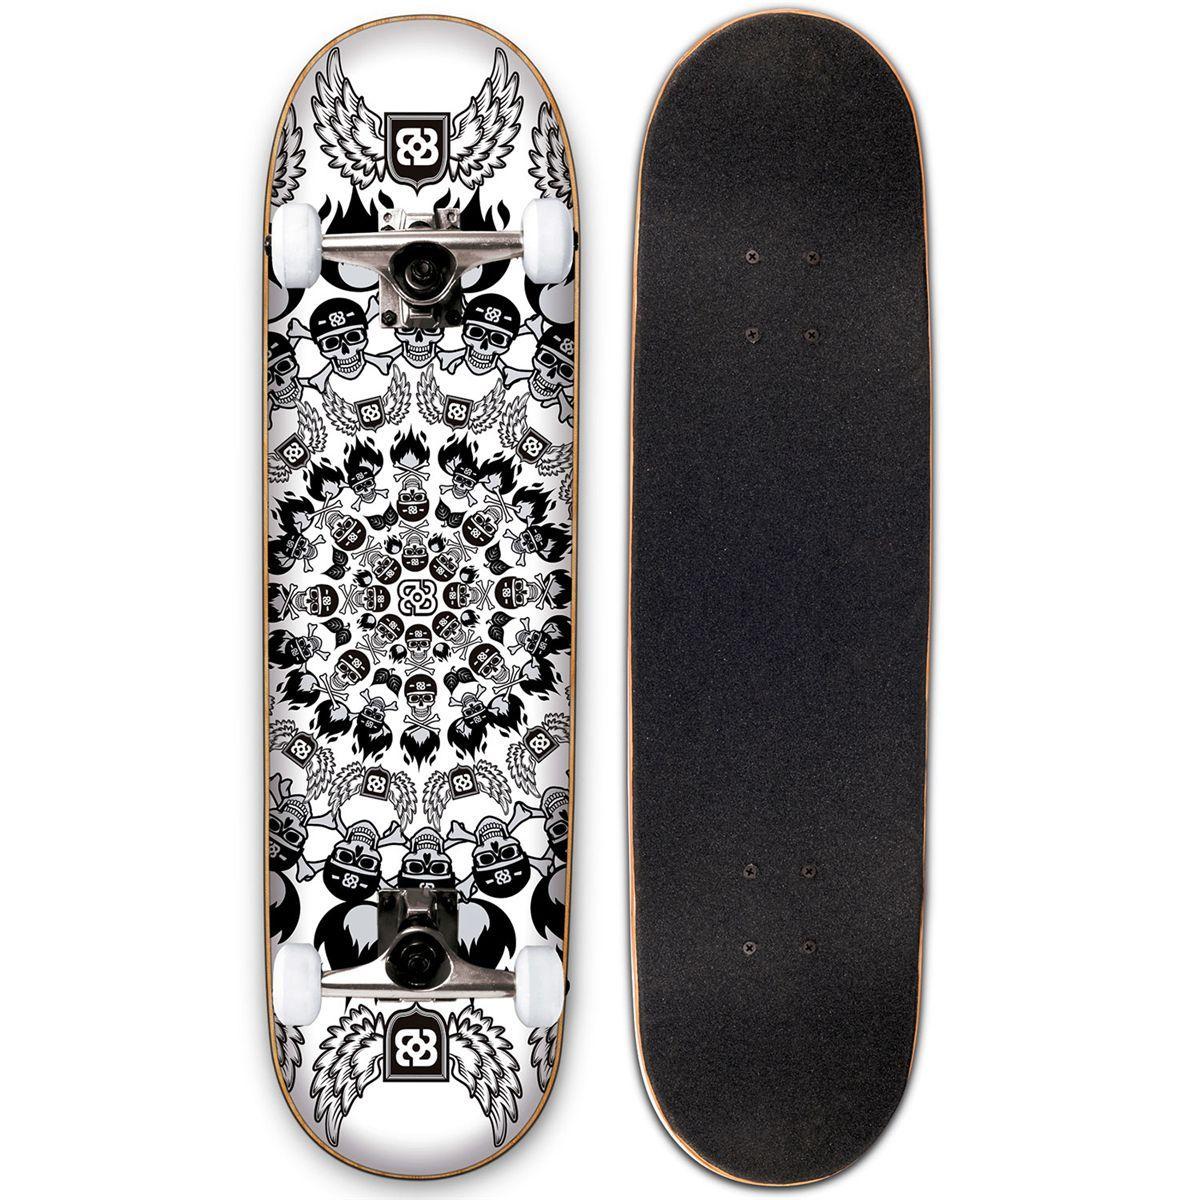 000b642da0b Skate Street Bob Burnquist Branco Es035 Átrio Produto não disponível